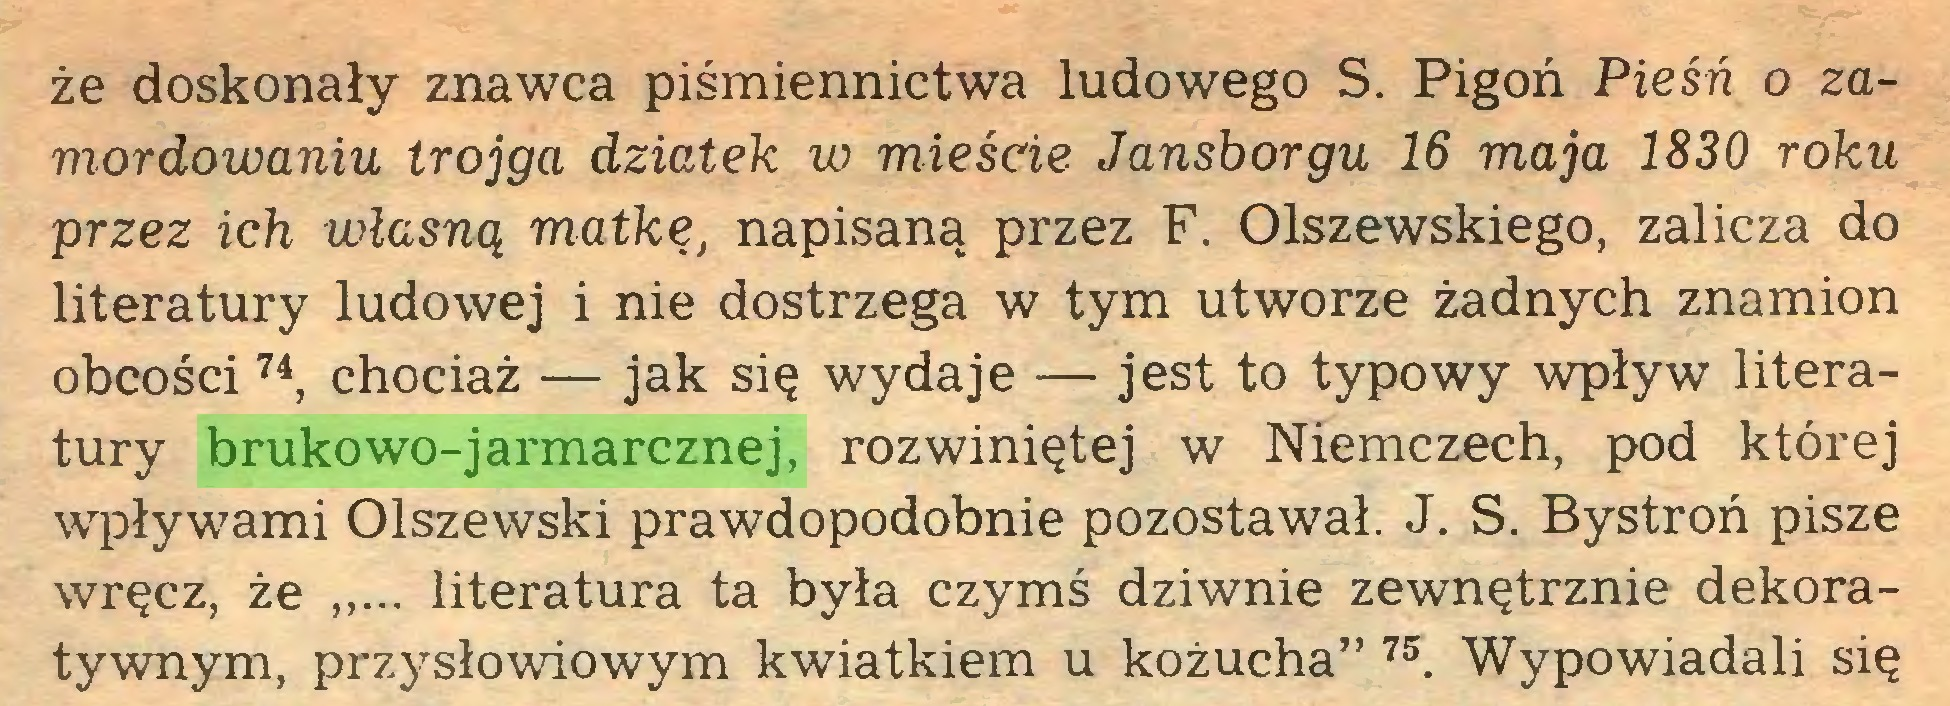 """(...) że doskonały znawca piśmiennictwa ludowego S. Pigoń Pieśń o zamordowaniu trojga dziatek w mieście Jansborgu 16 maja 1830 roku przez ich własną matkę, napisaną przez F. Olszewskiego, zalicza do literatury ludowej i nie dostrzega w tym utworze żadnych znamion obcości74, chociaż — jak się wydaje — jest to typowy wpływ literatury brukowo-jarmarcznej, rozwiniętej w Niemczech, pod której wpływami Olszewski prawdopodobnie pozostawał. J. S. Bystroń pisze wręcz, że literatura ta była czymś dziwnie zewnętrznie dekoratywnym, przysłowiowym kwiatkiem u kożucha"""" 75. Wypowiadali się..."""